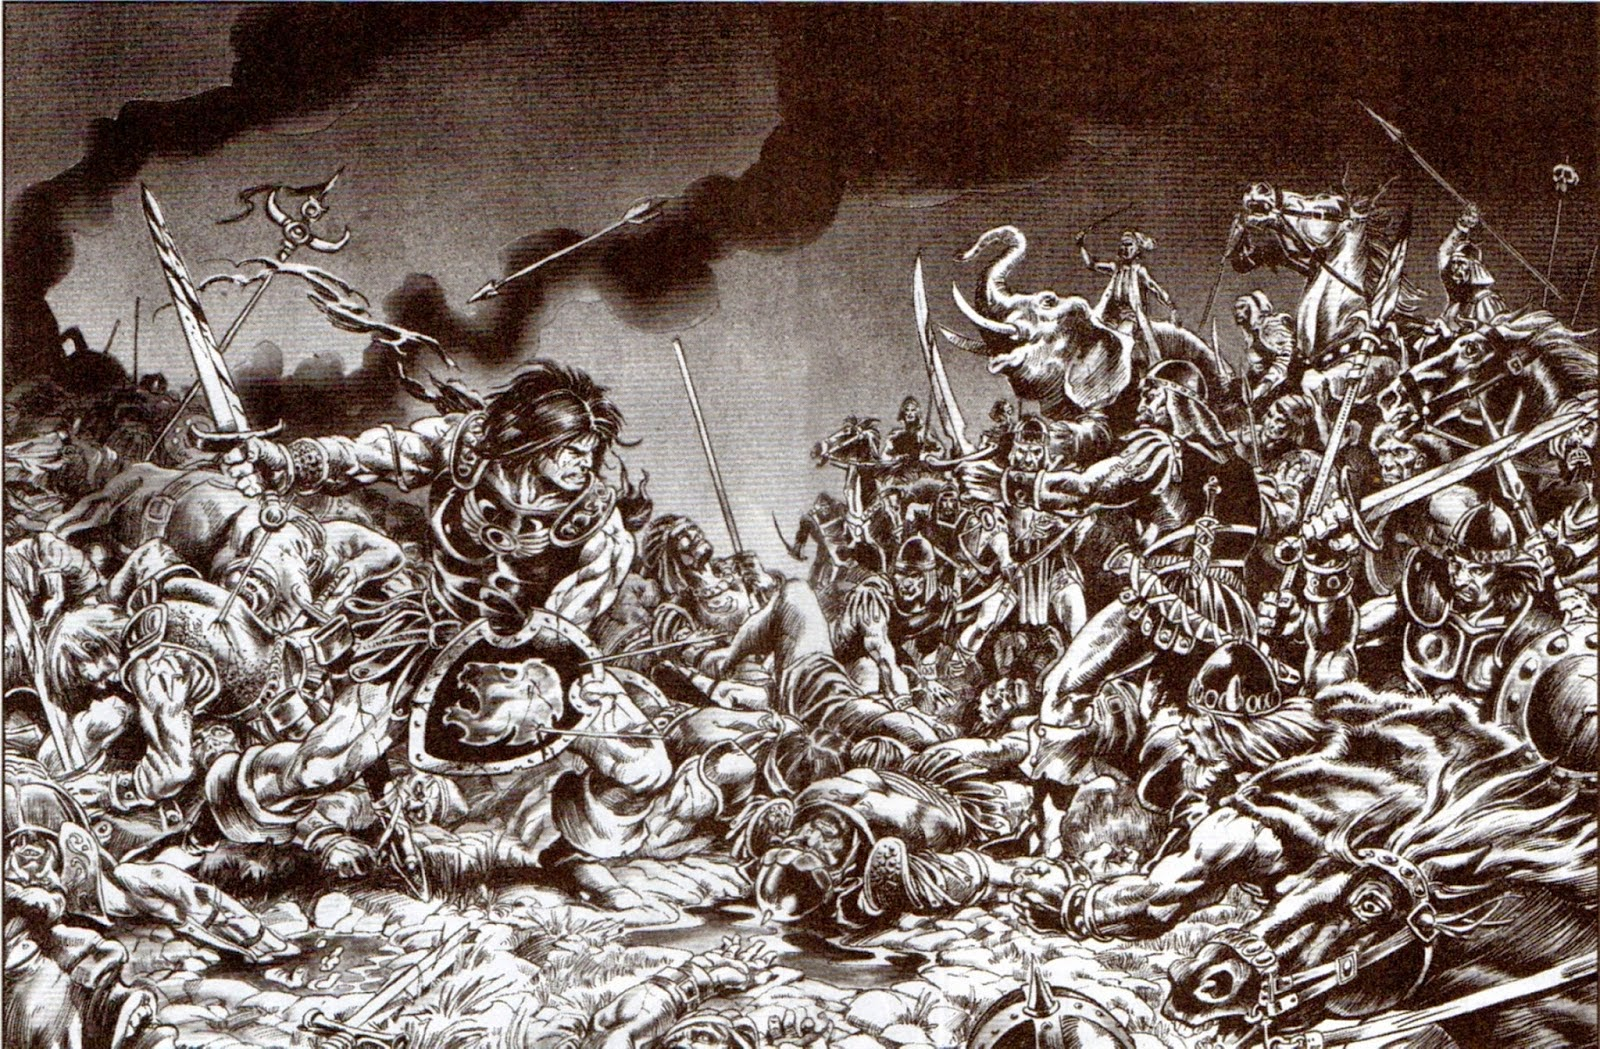 Página doble de la Ciudadela Escarlata de Conan por Frank Brunner